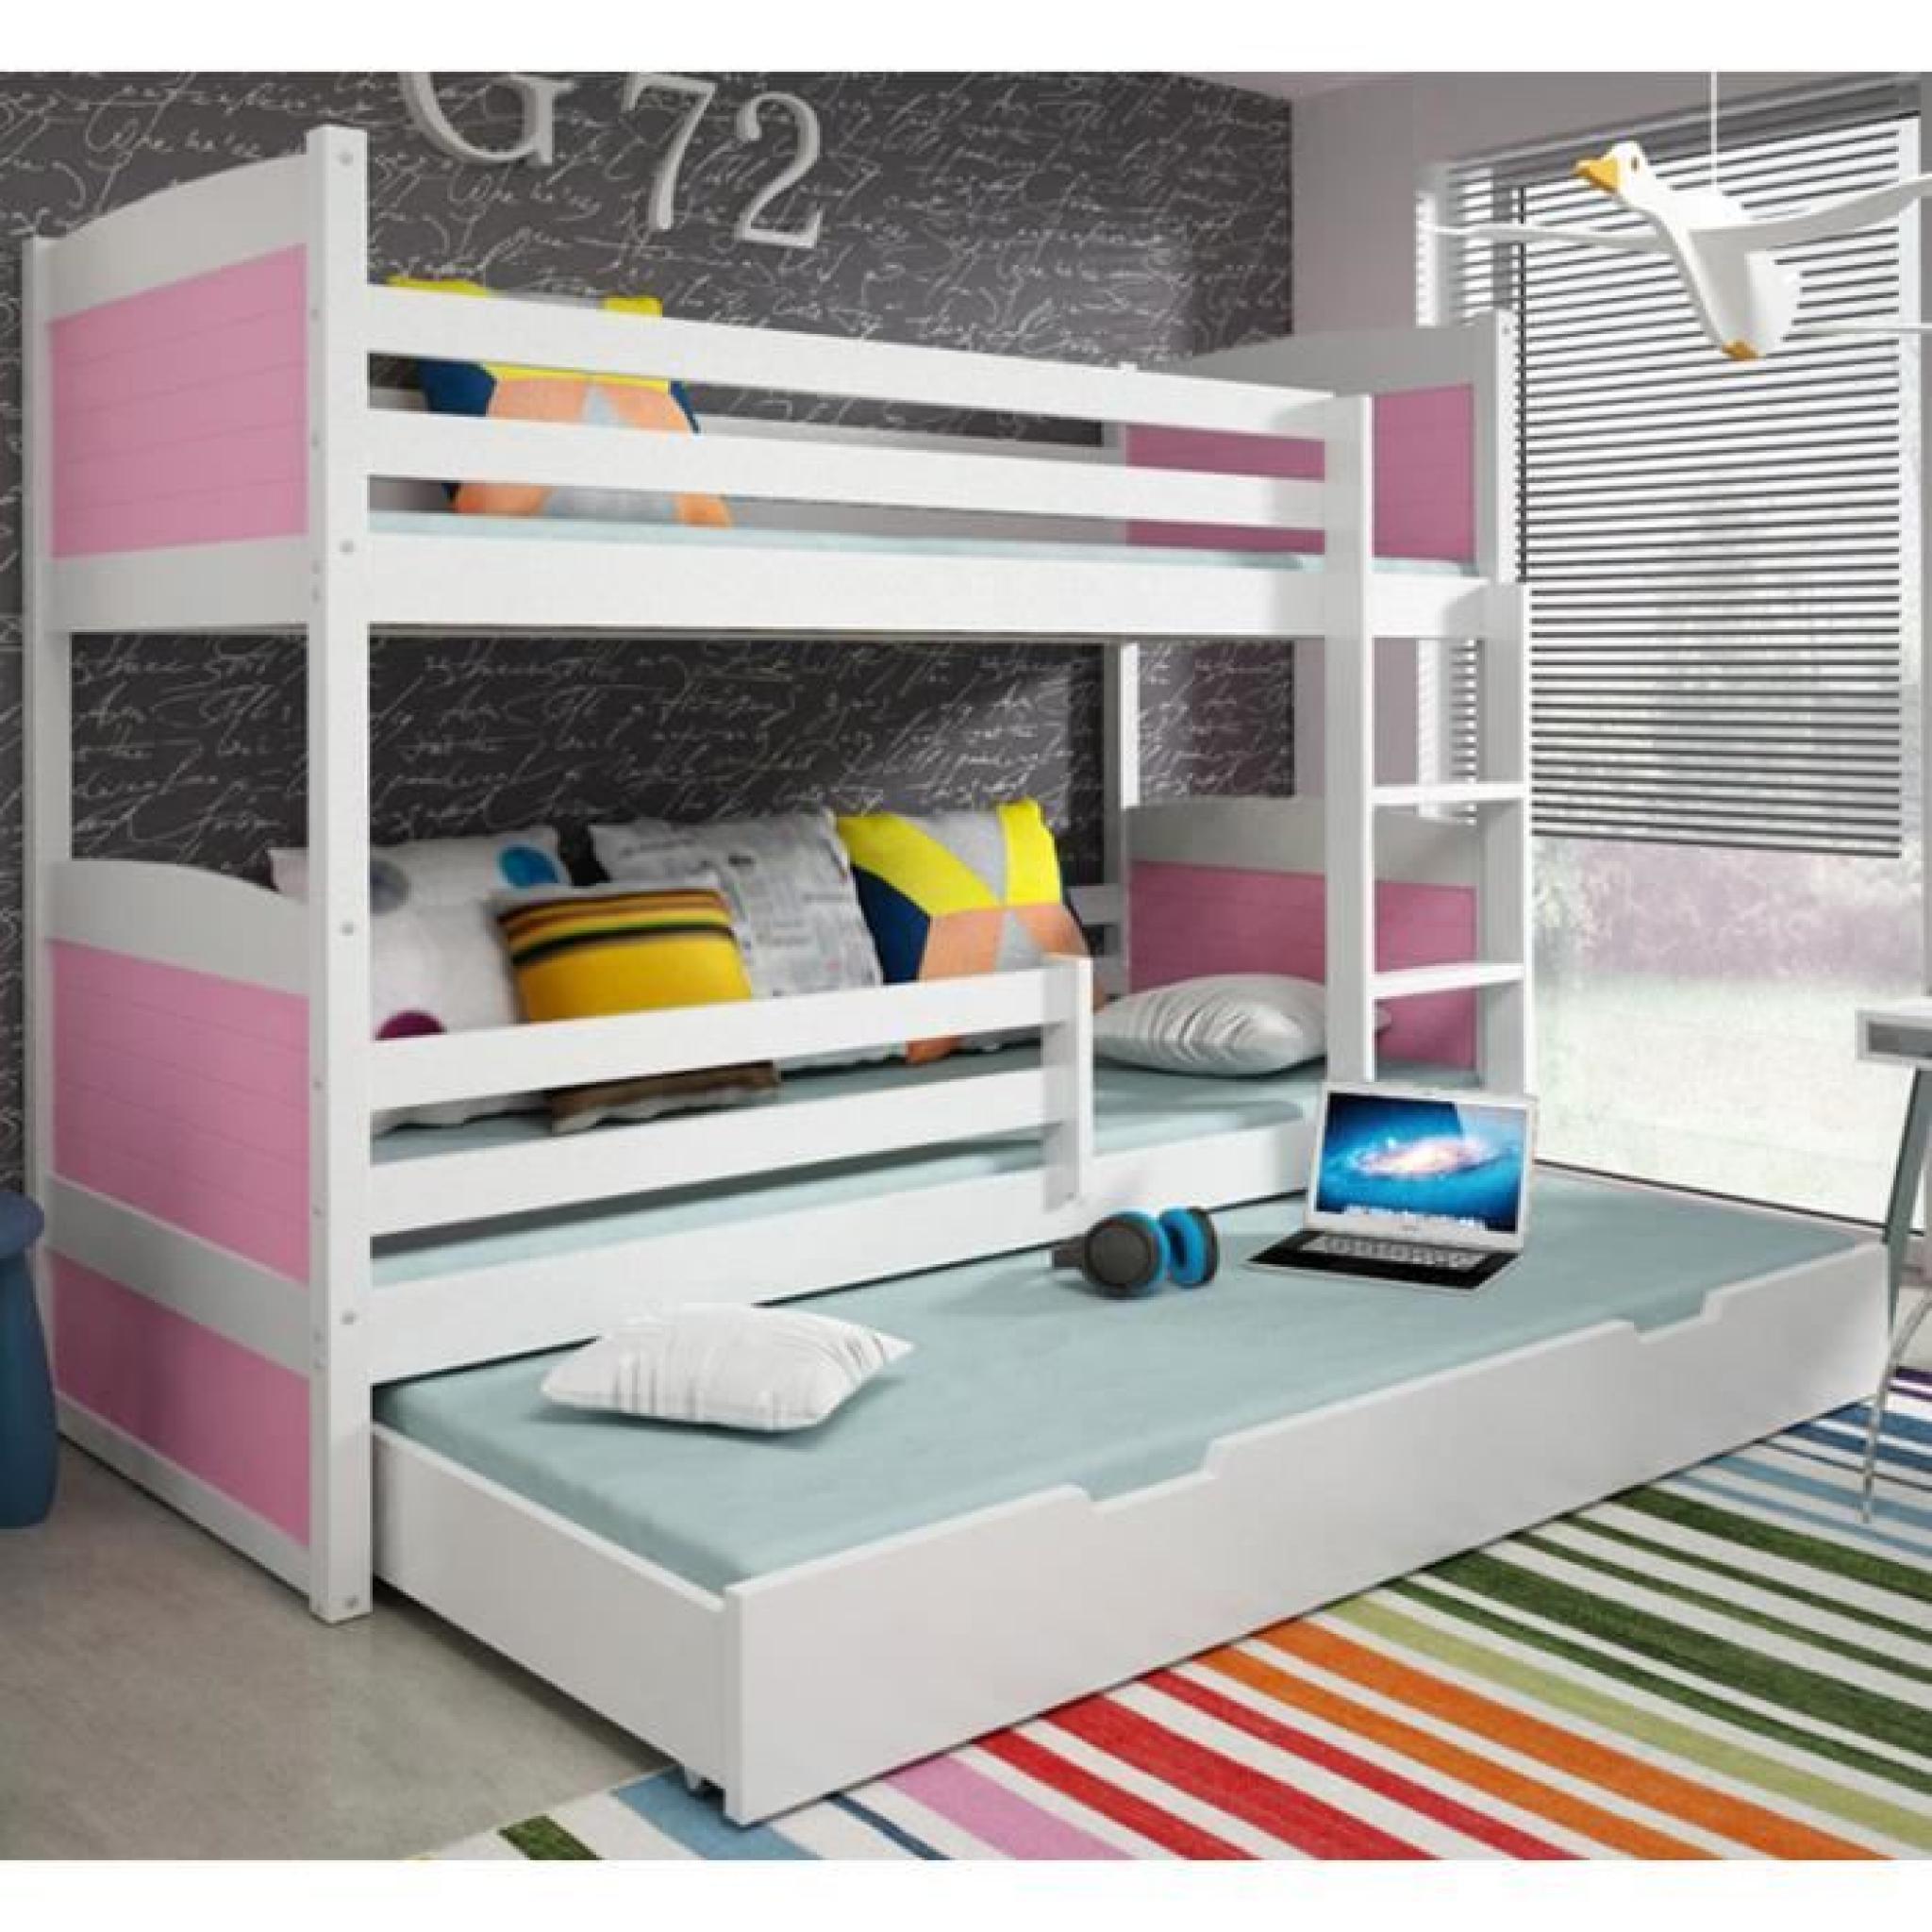 lit superpos rico 3 en pin 185x80 blanc achat vente lit superpose pas cher couleur et. Black Bedroom Furniture Sets. Home Design Ideas